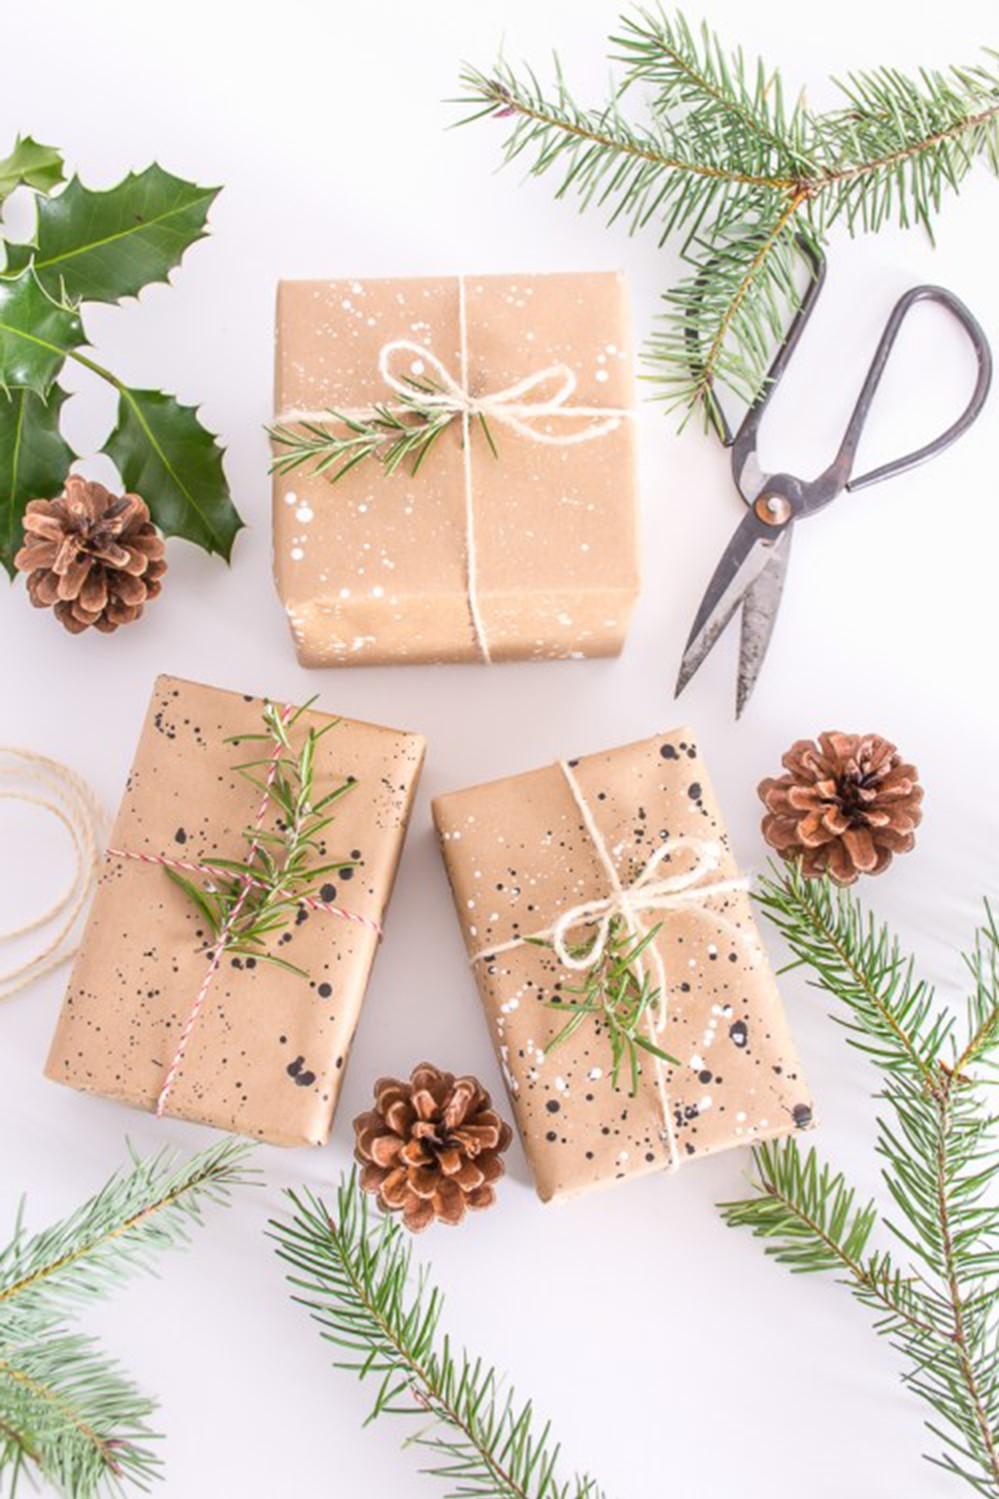 Boîte en carton de Noël décorée d'éléments naturels.